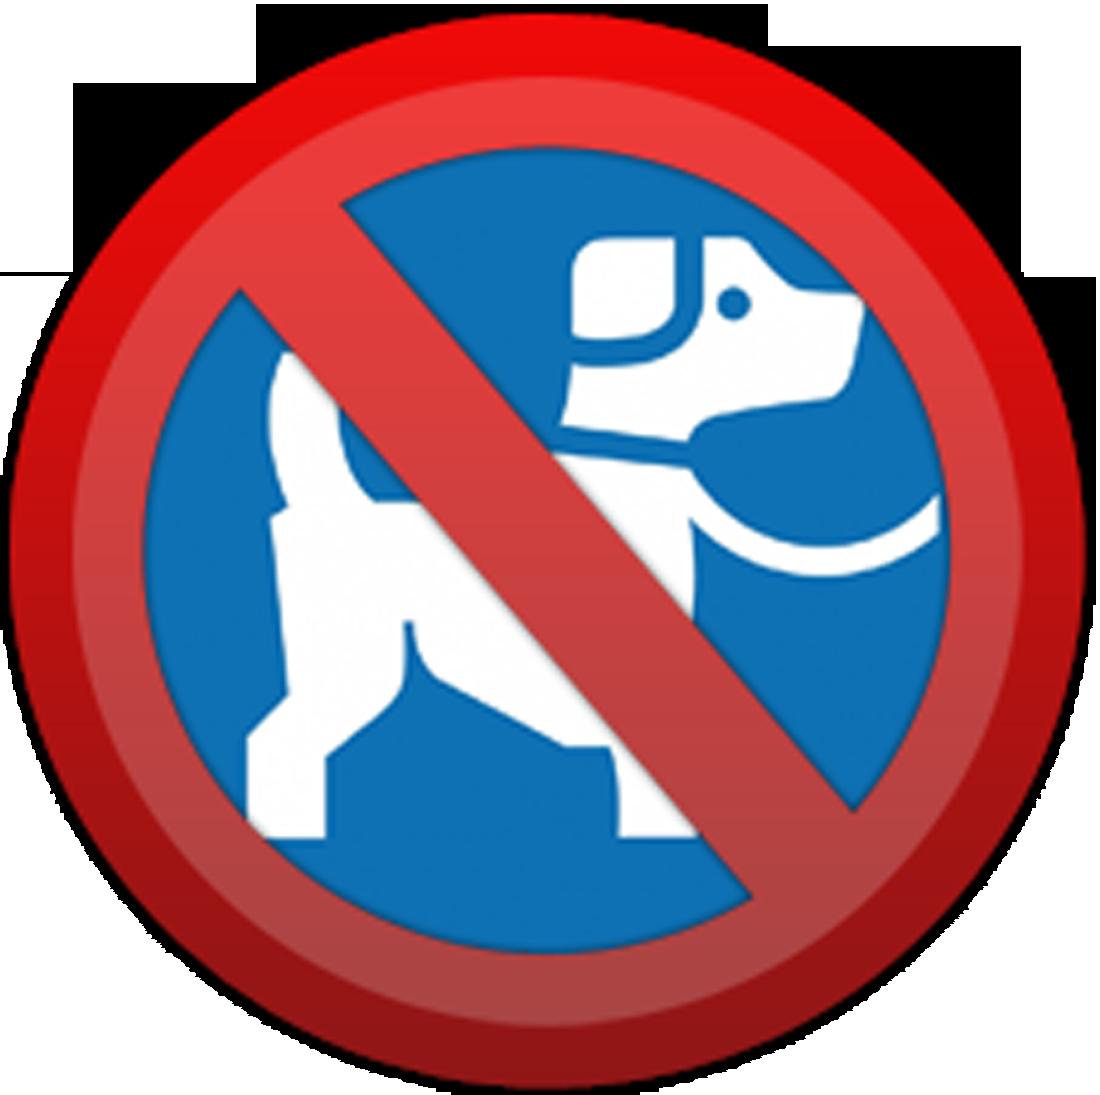 picto chien interdit